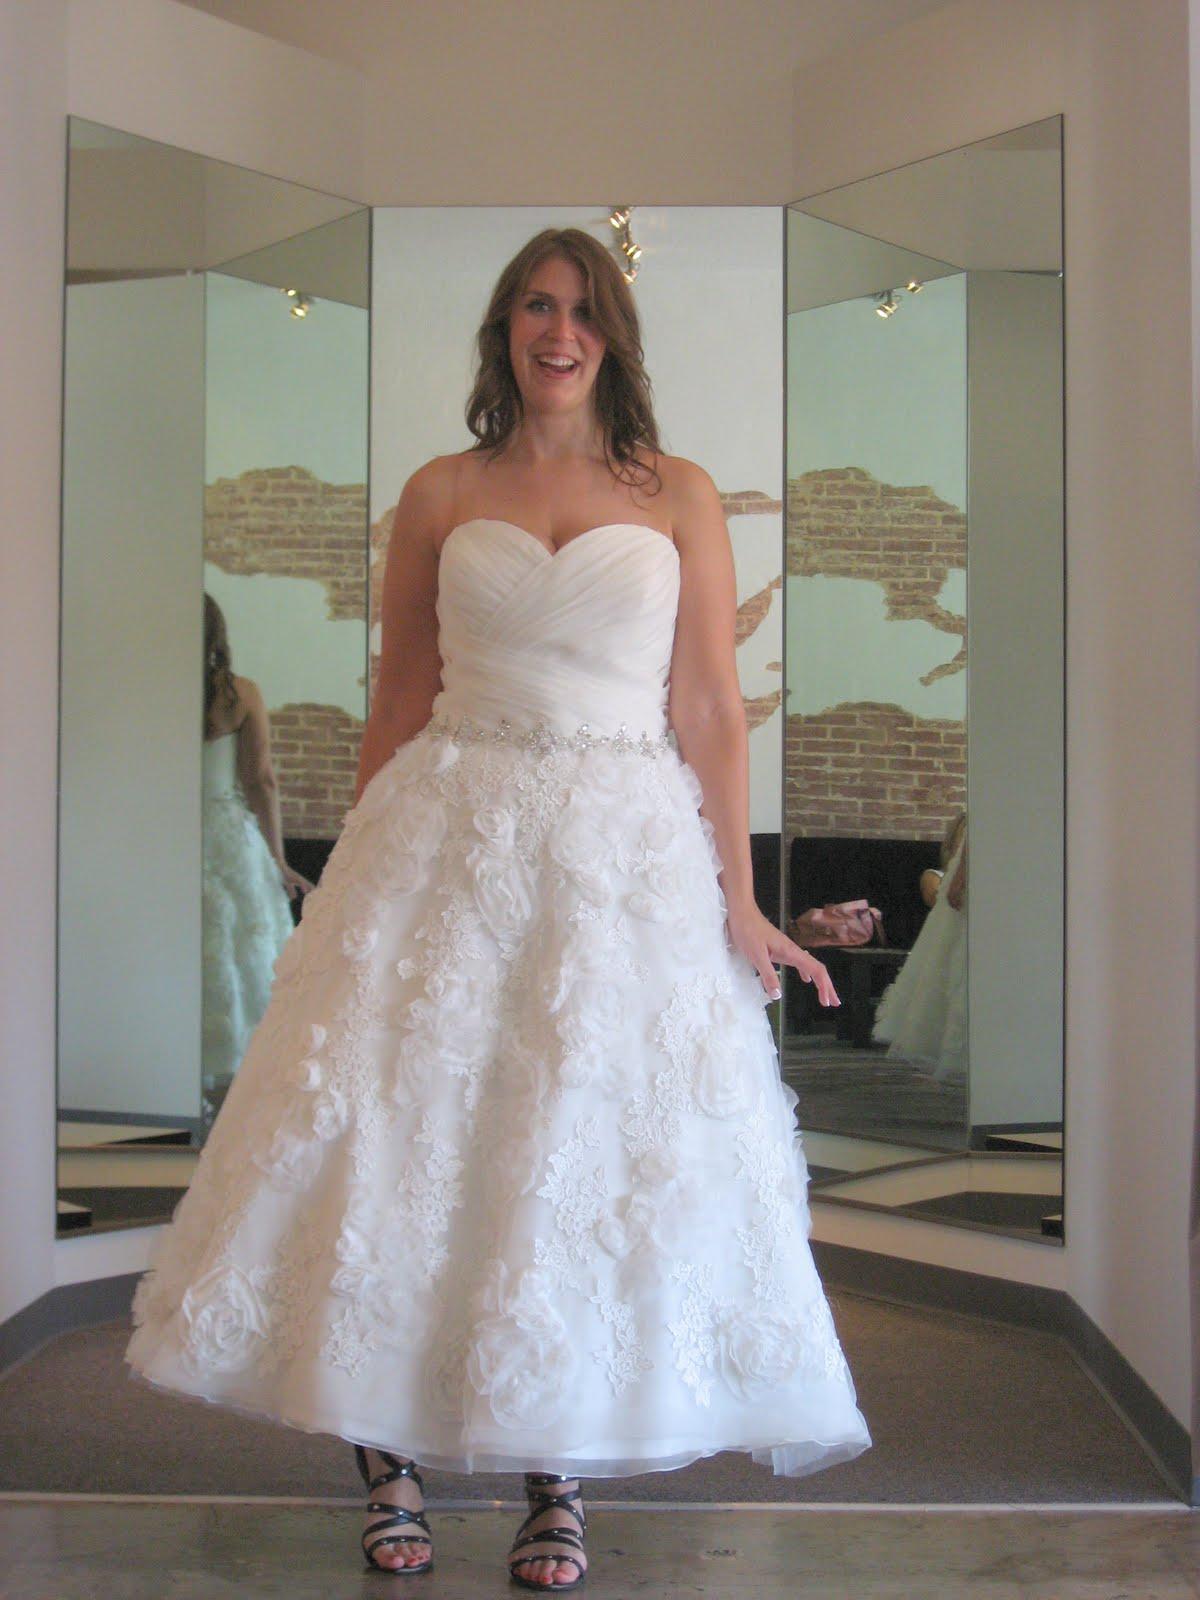 Wunderbar Jessica Rabbit Wedding Dress Ideen - Brautkleider Ideen ...